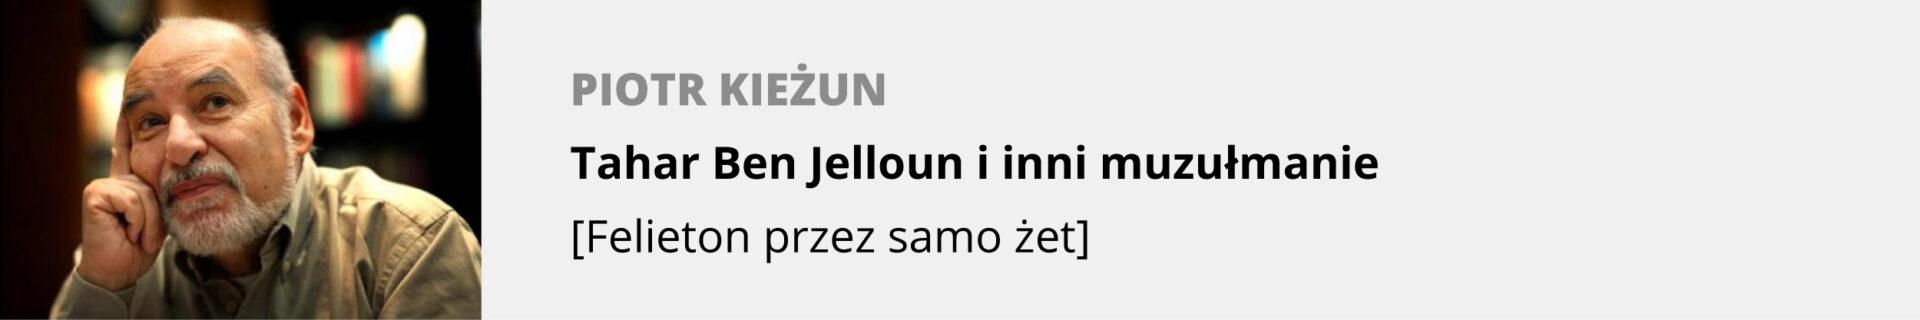 Jelloun